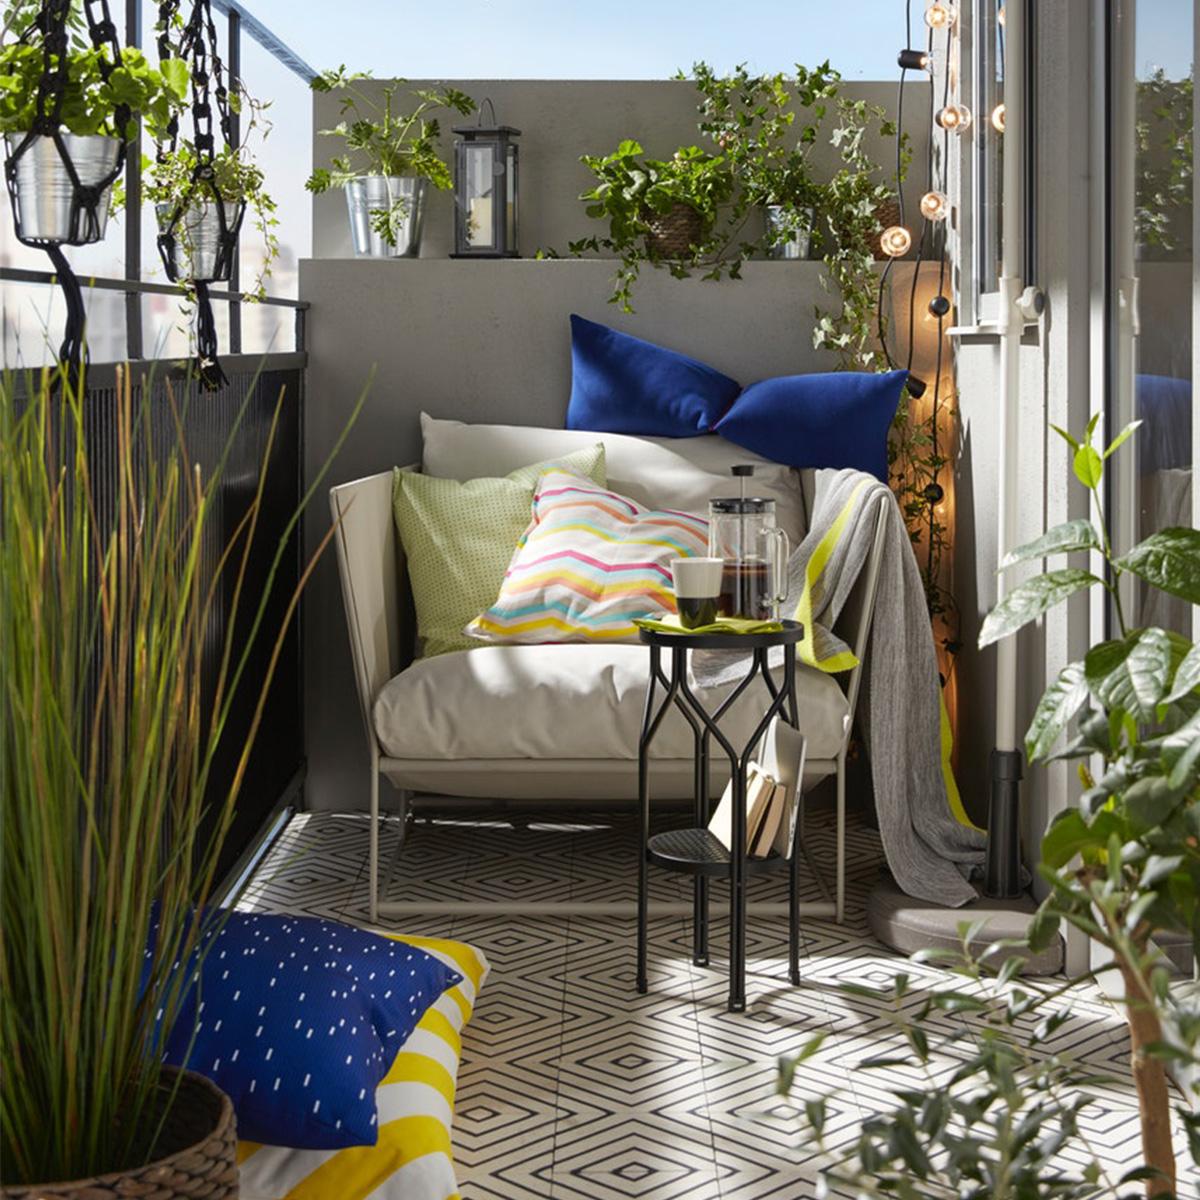 Petit Salon De Jardin Pour Balcon Luxe Idées Pour L ... avec Transat Jardin Ikea